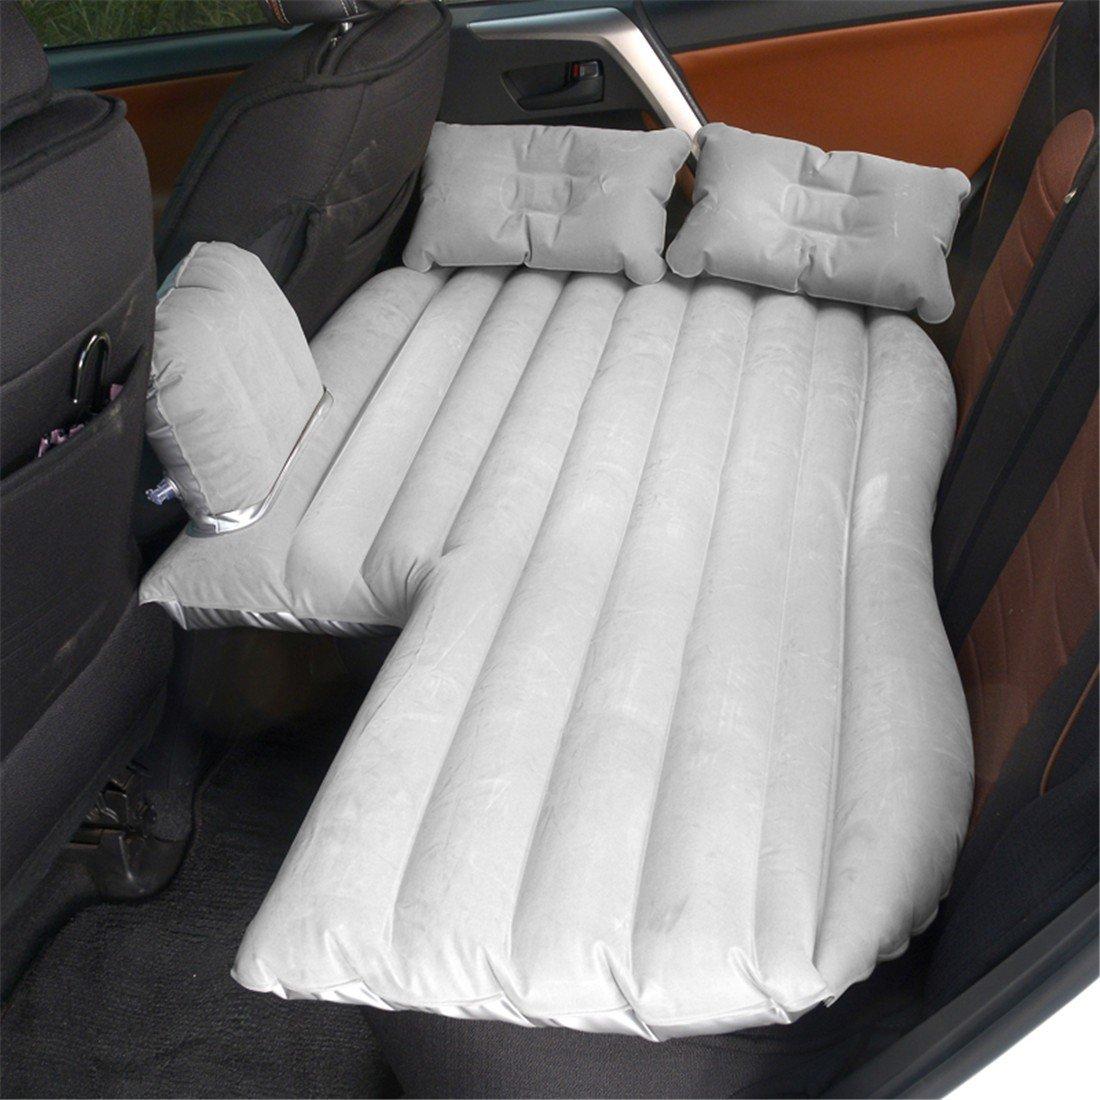 STAZSX Liegebett-Schlafenauflage-LimousineLuftkissen des Liegerad-Autos aufblasbare Bettautomatratzenreisebett-Kinder, grau-135x78CM